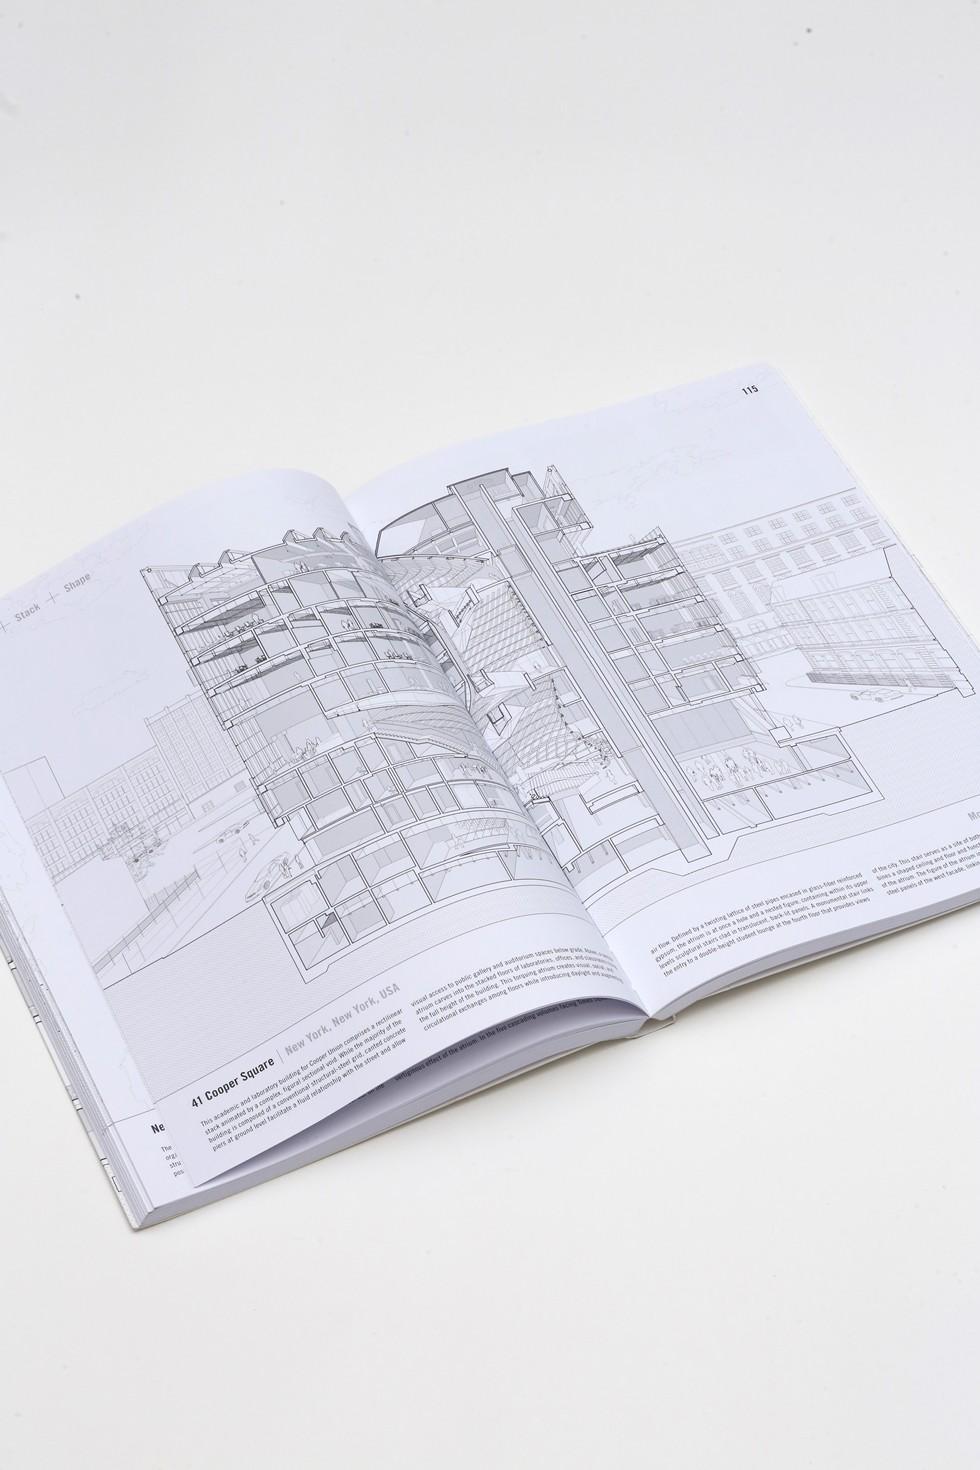 10 najlepszych książek o architekturze 2016 roku